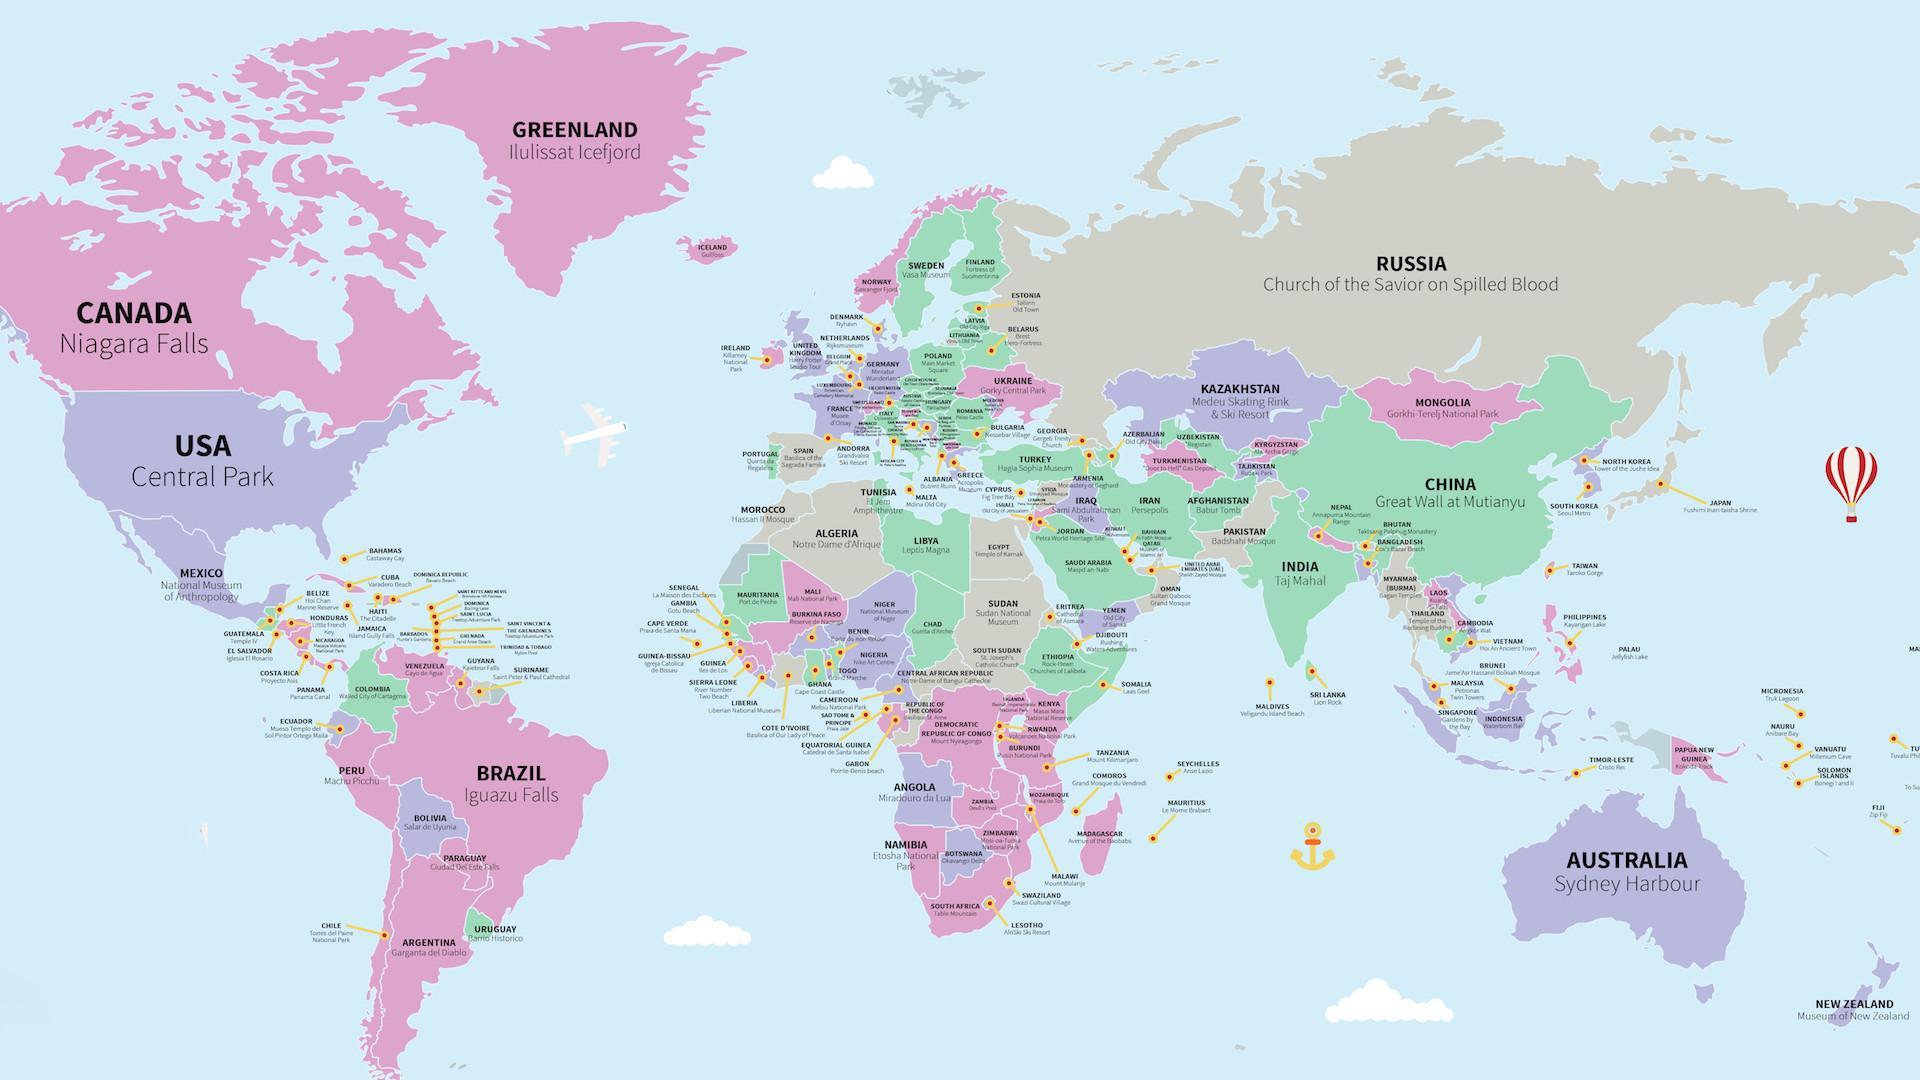 Este mapa nos muestra las principales atracciones turísticas de cada país